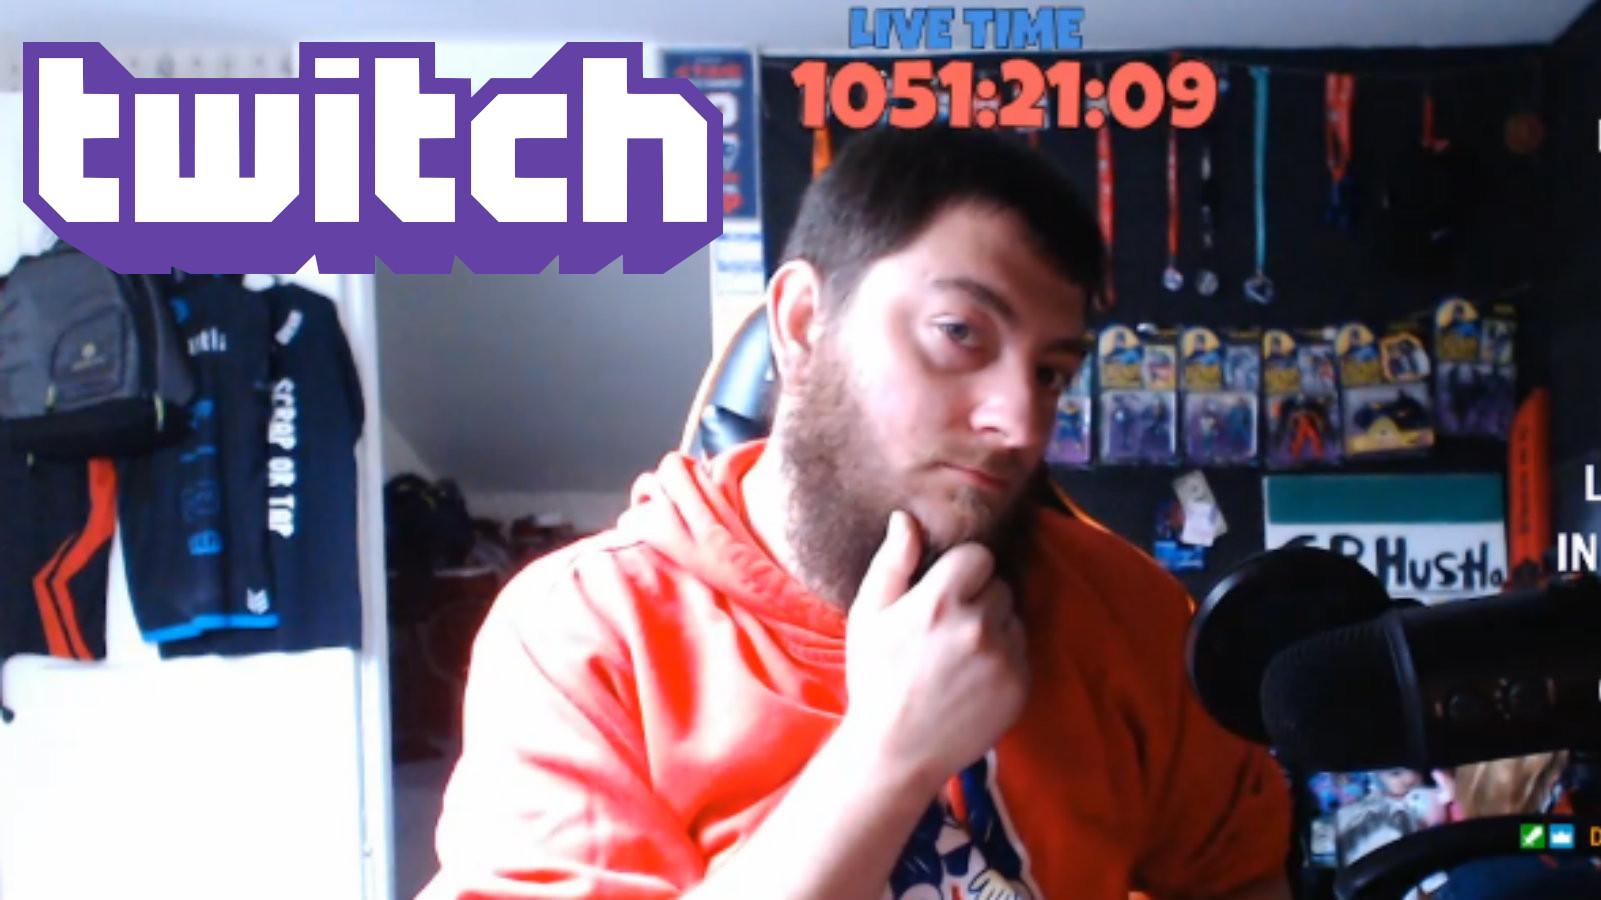 gphustla establece el récord del stream más largo de Twitch